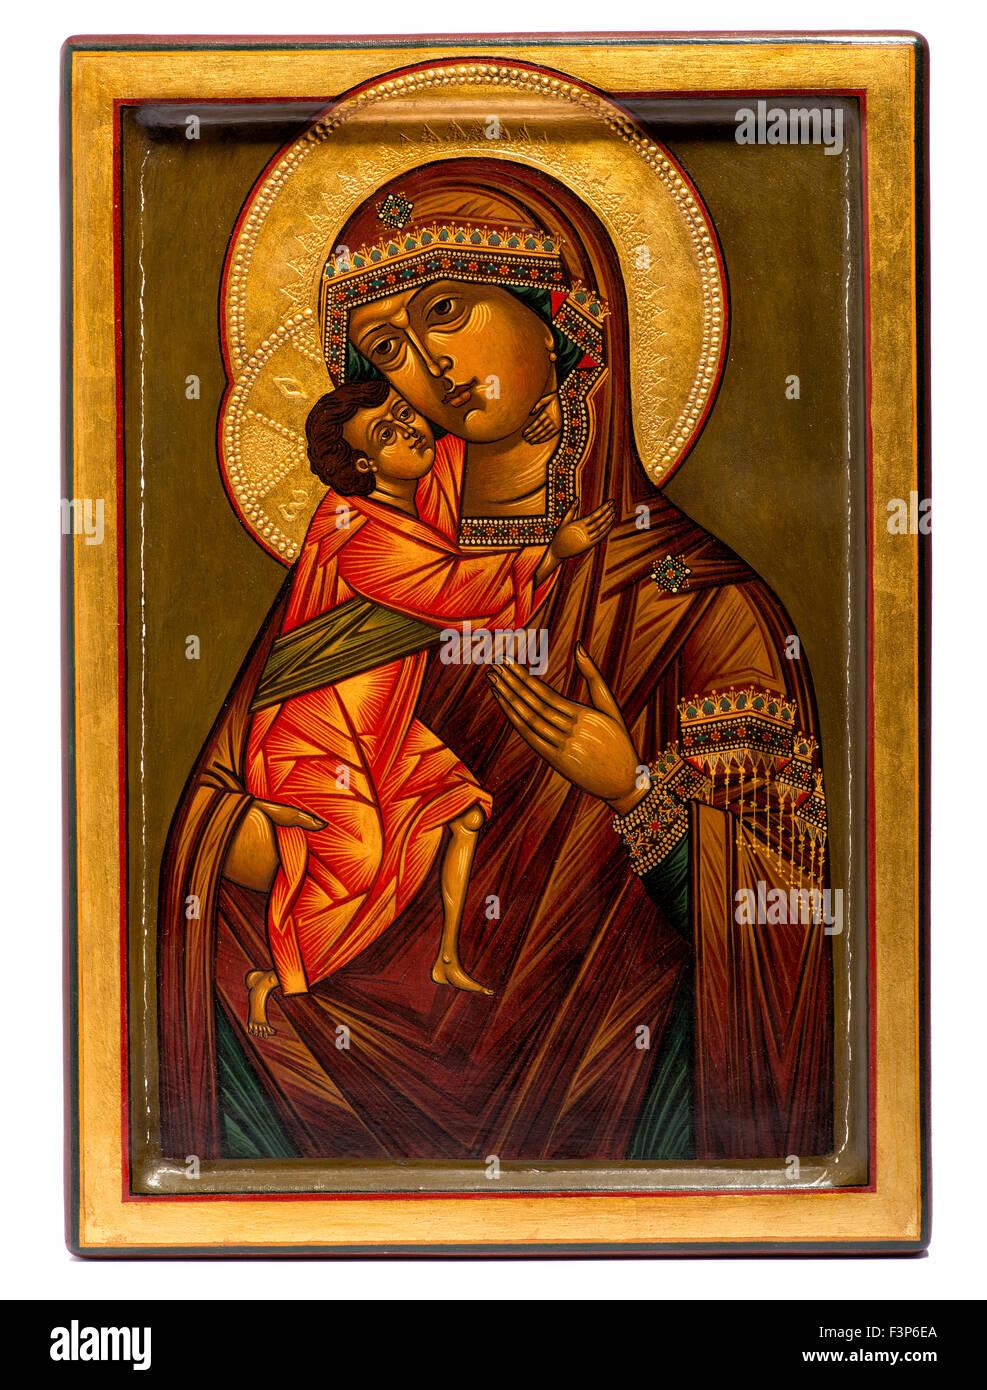 Madera pintado religiosas cristianas del icono de la Virgen María y de Jesús Imagen De Stock